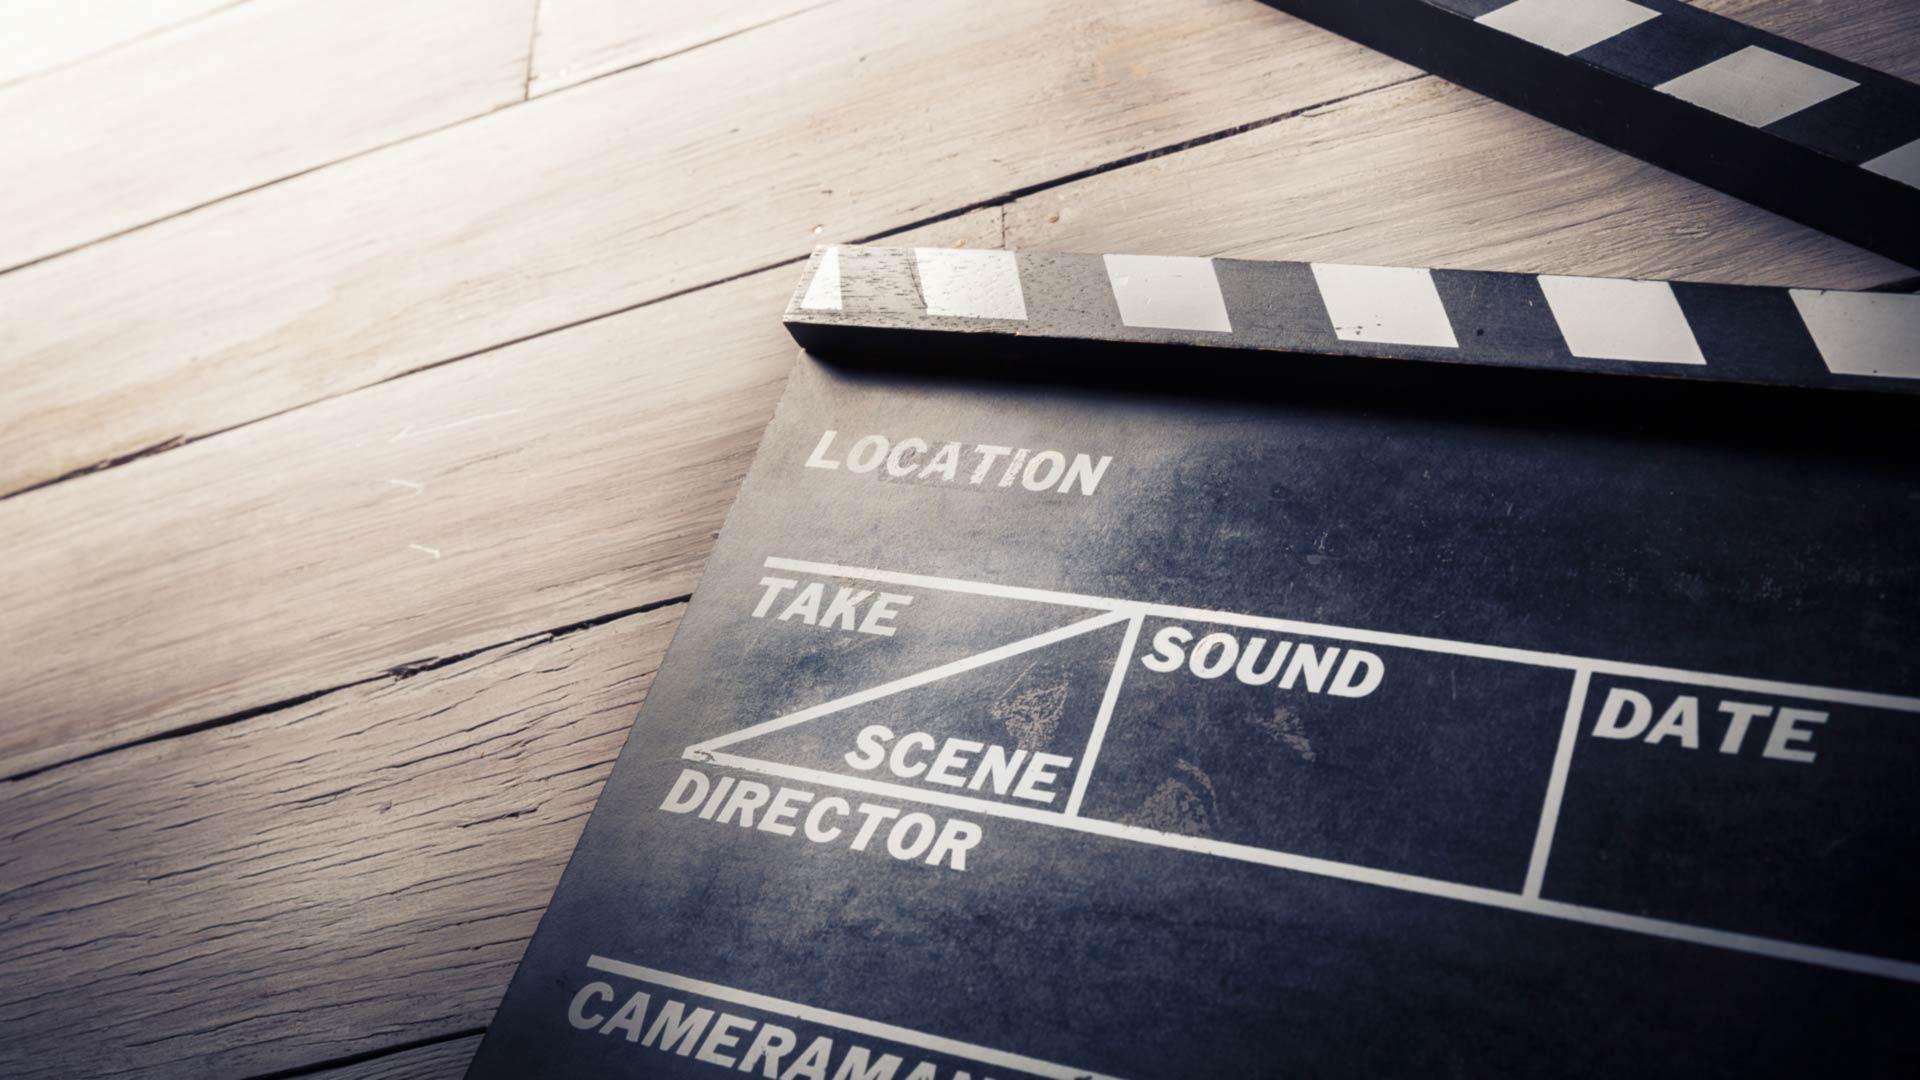 Image Amp Video Processing Lanit Tercom